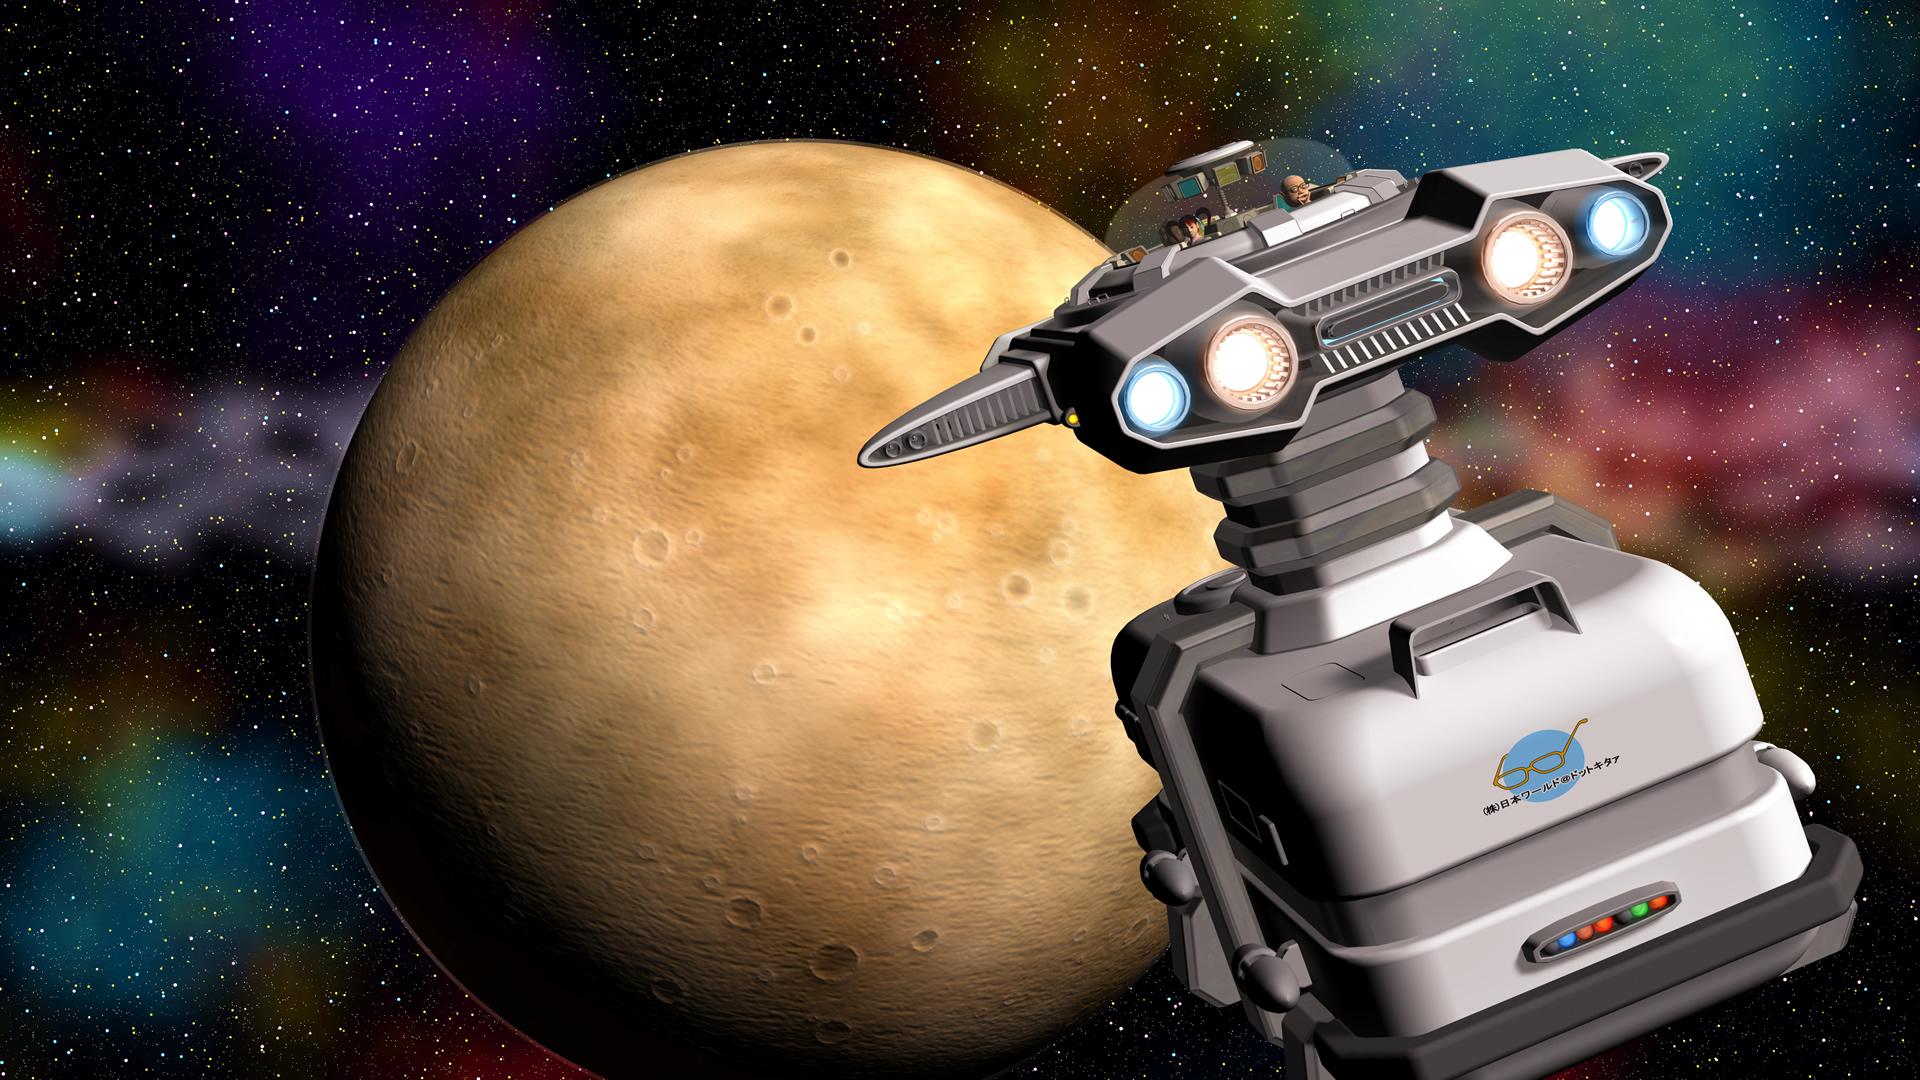 3Dキャラと宇宙船と惑星